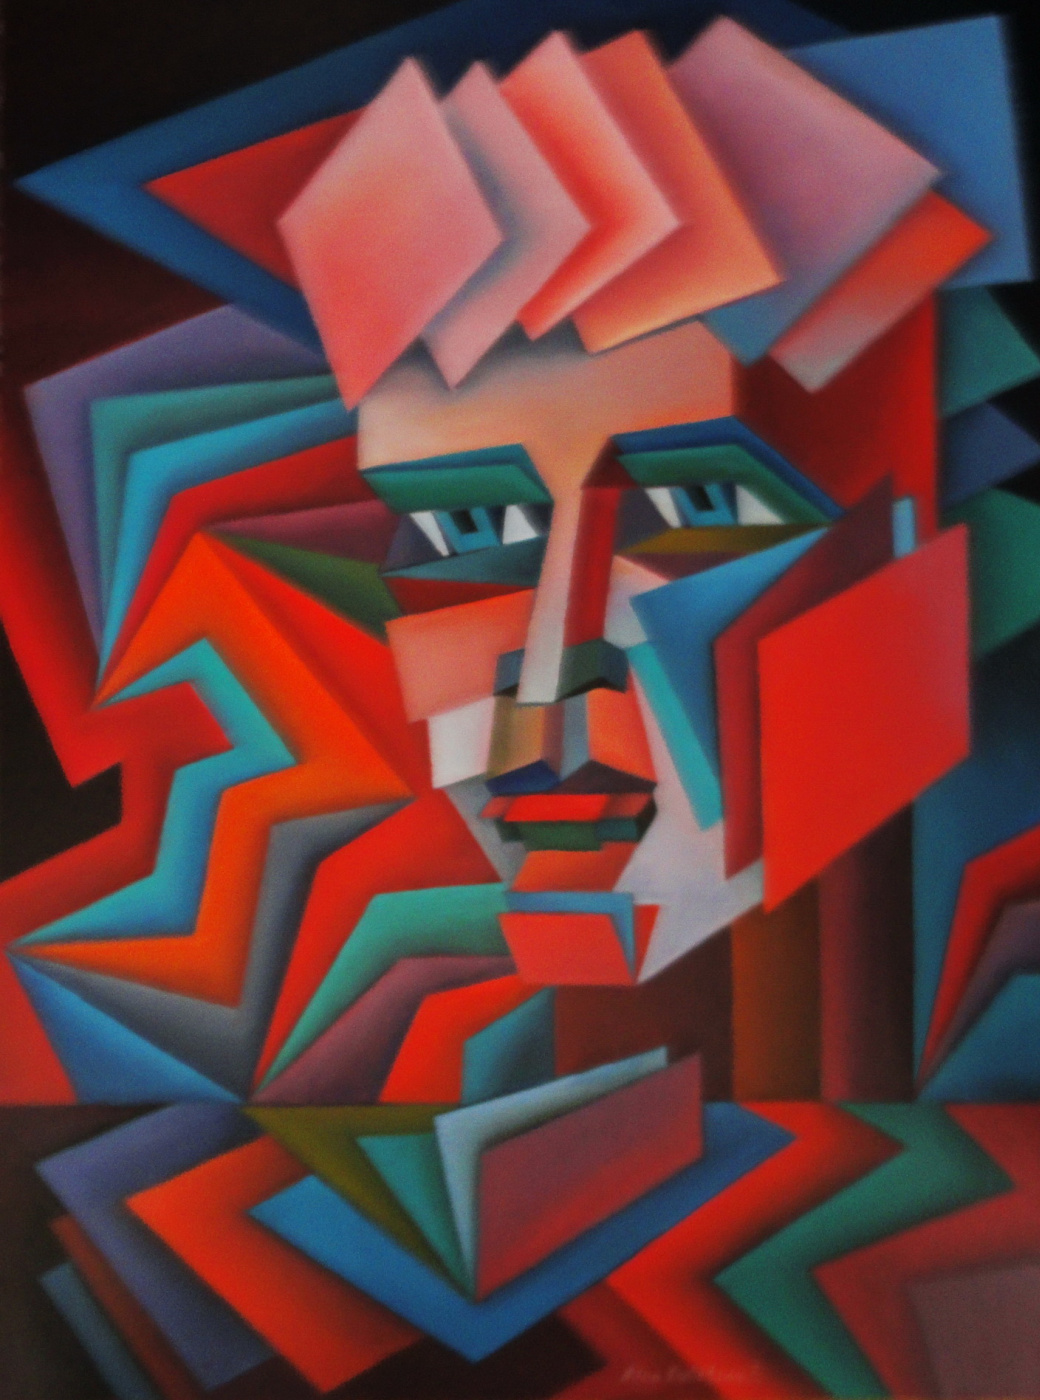 Nina Tokhtaman Valetova. Made from rectangles